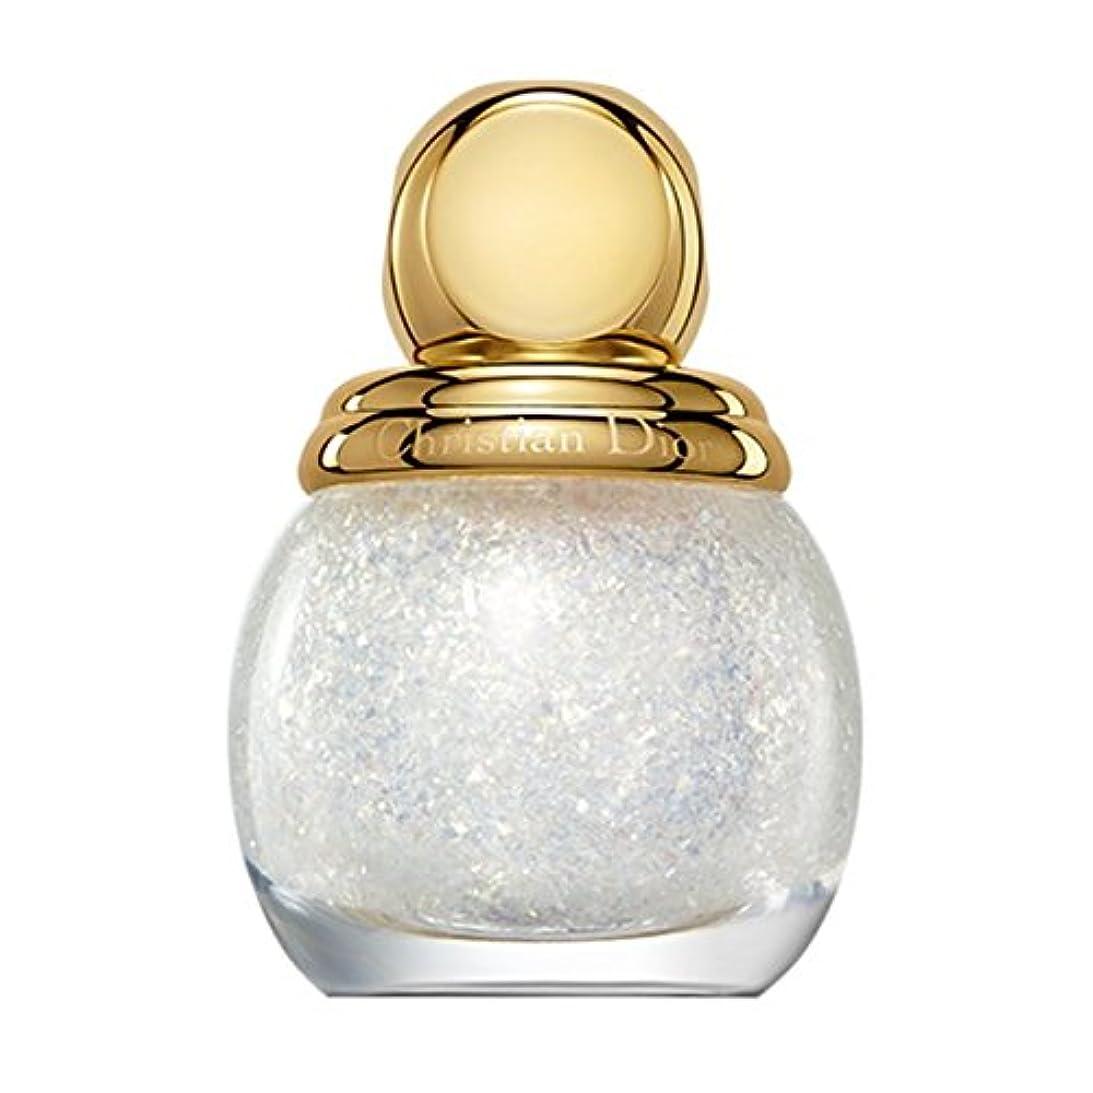 残基境界DIORショッパー付き Dior(ディオール) ヴェルニ ディオリフィック<スプレンダー> 限定品 #001 ノバ